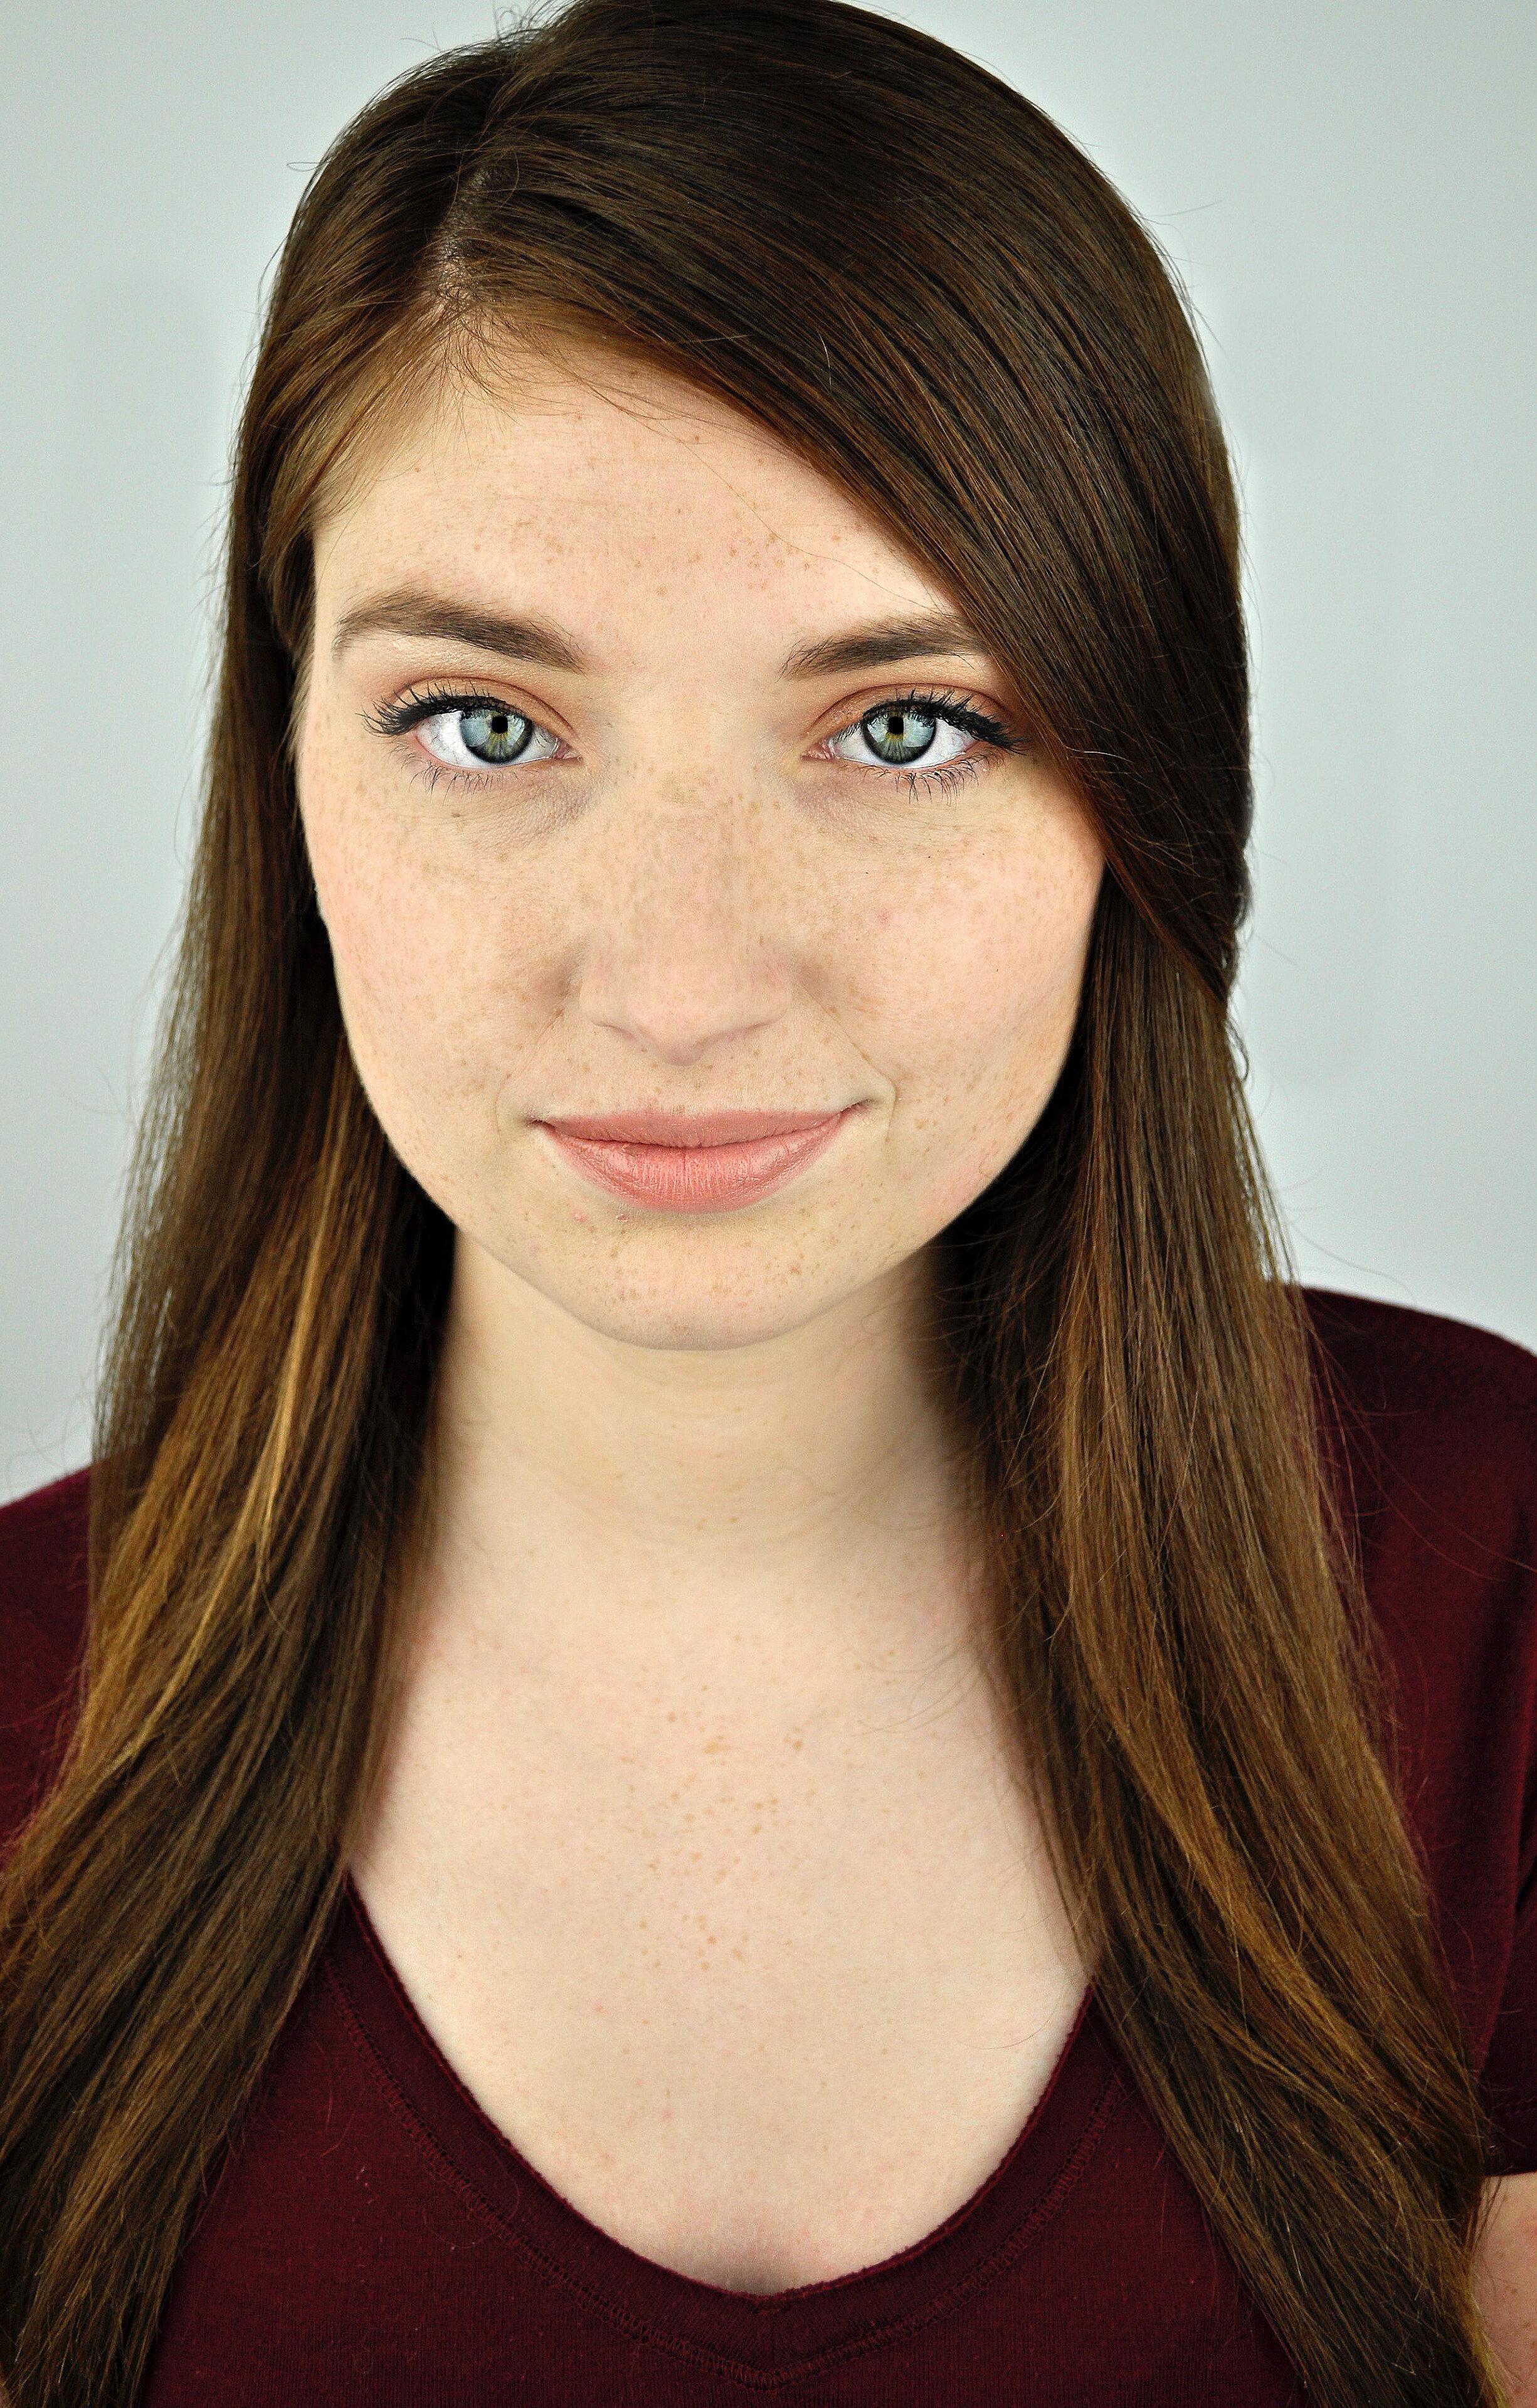 KAYLIE CASTEEL